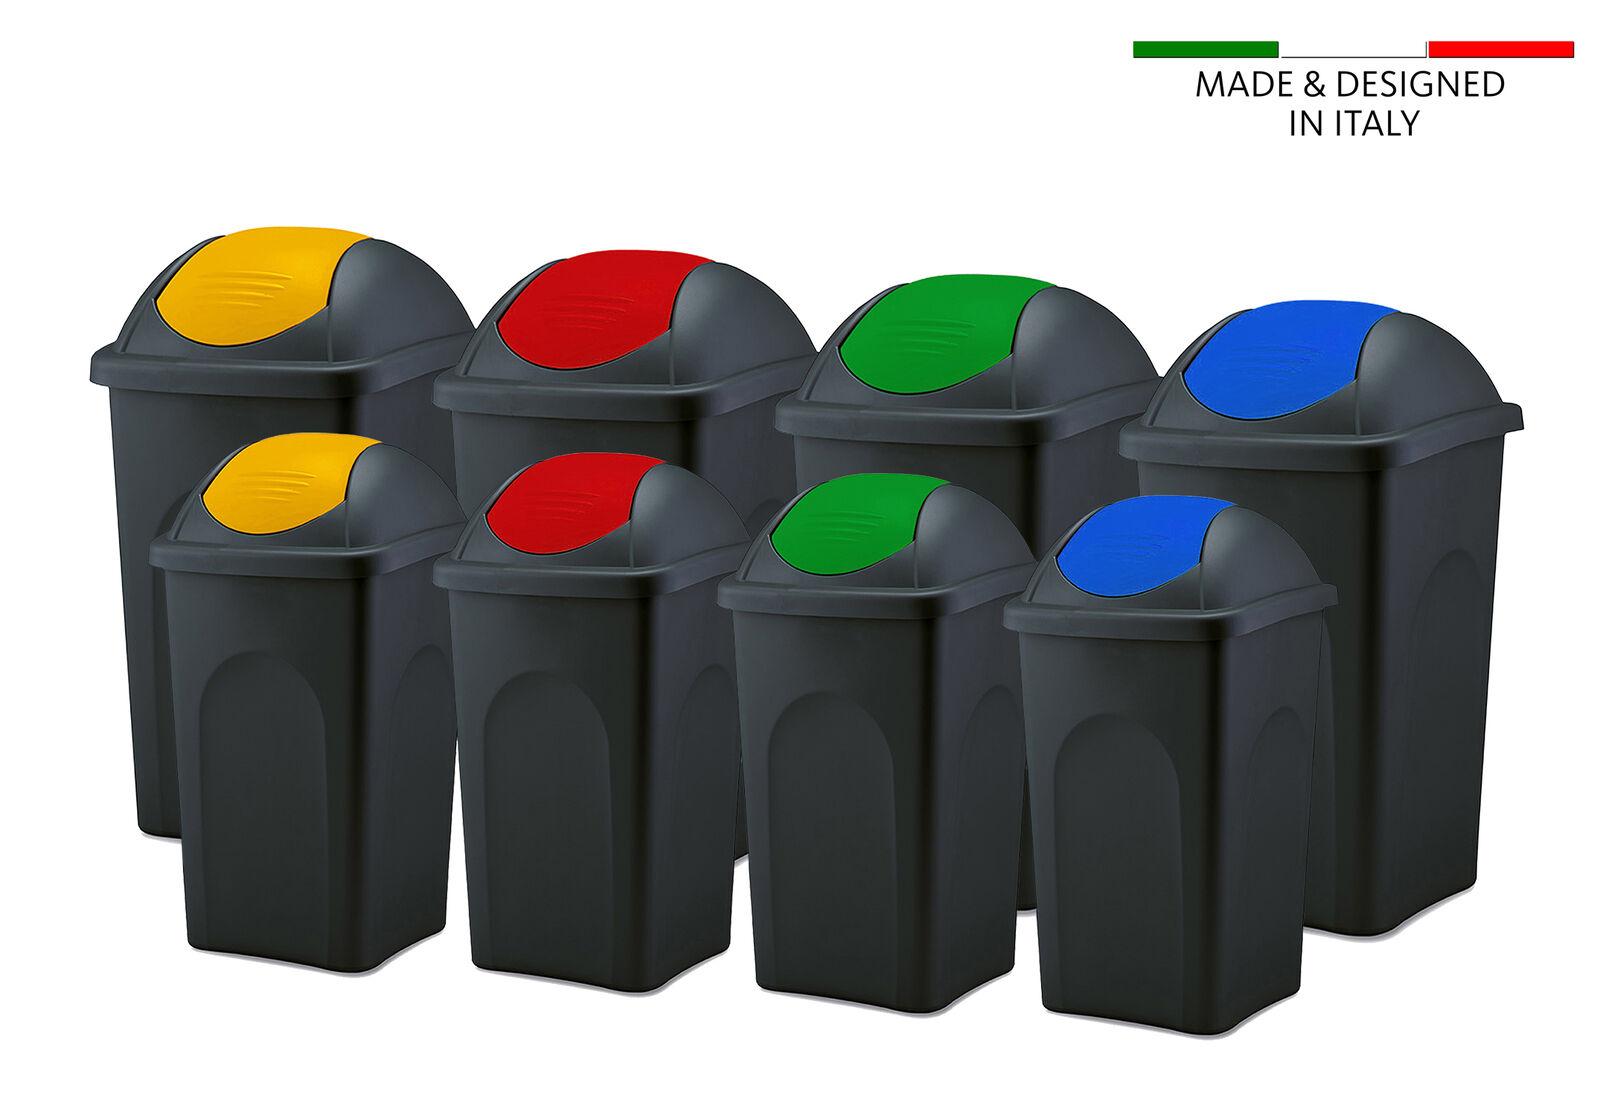 Mülleimer mit Schwingdeckel Abfall Sammler Behälter Mülltonne Papierkorb schwarz